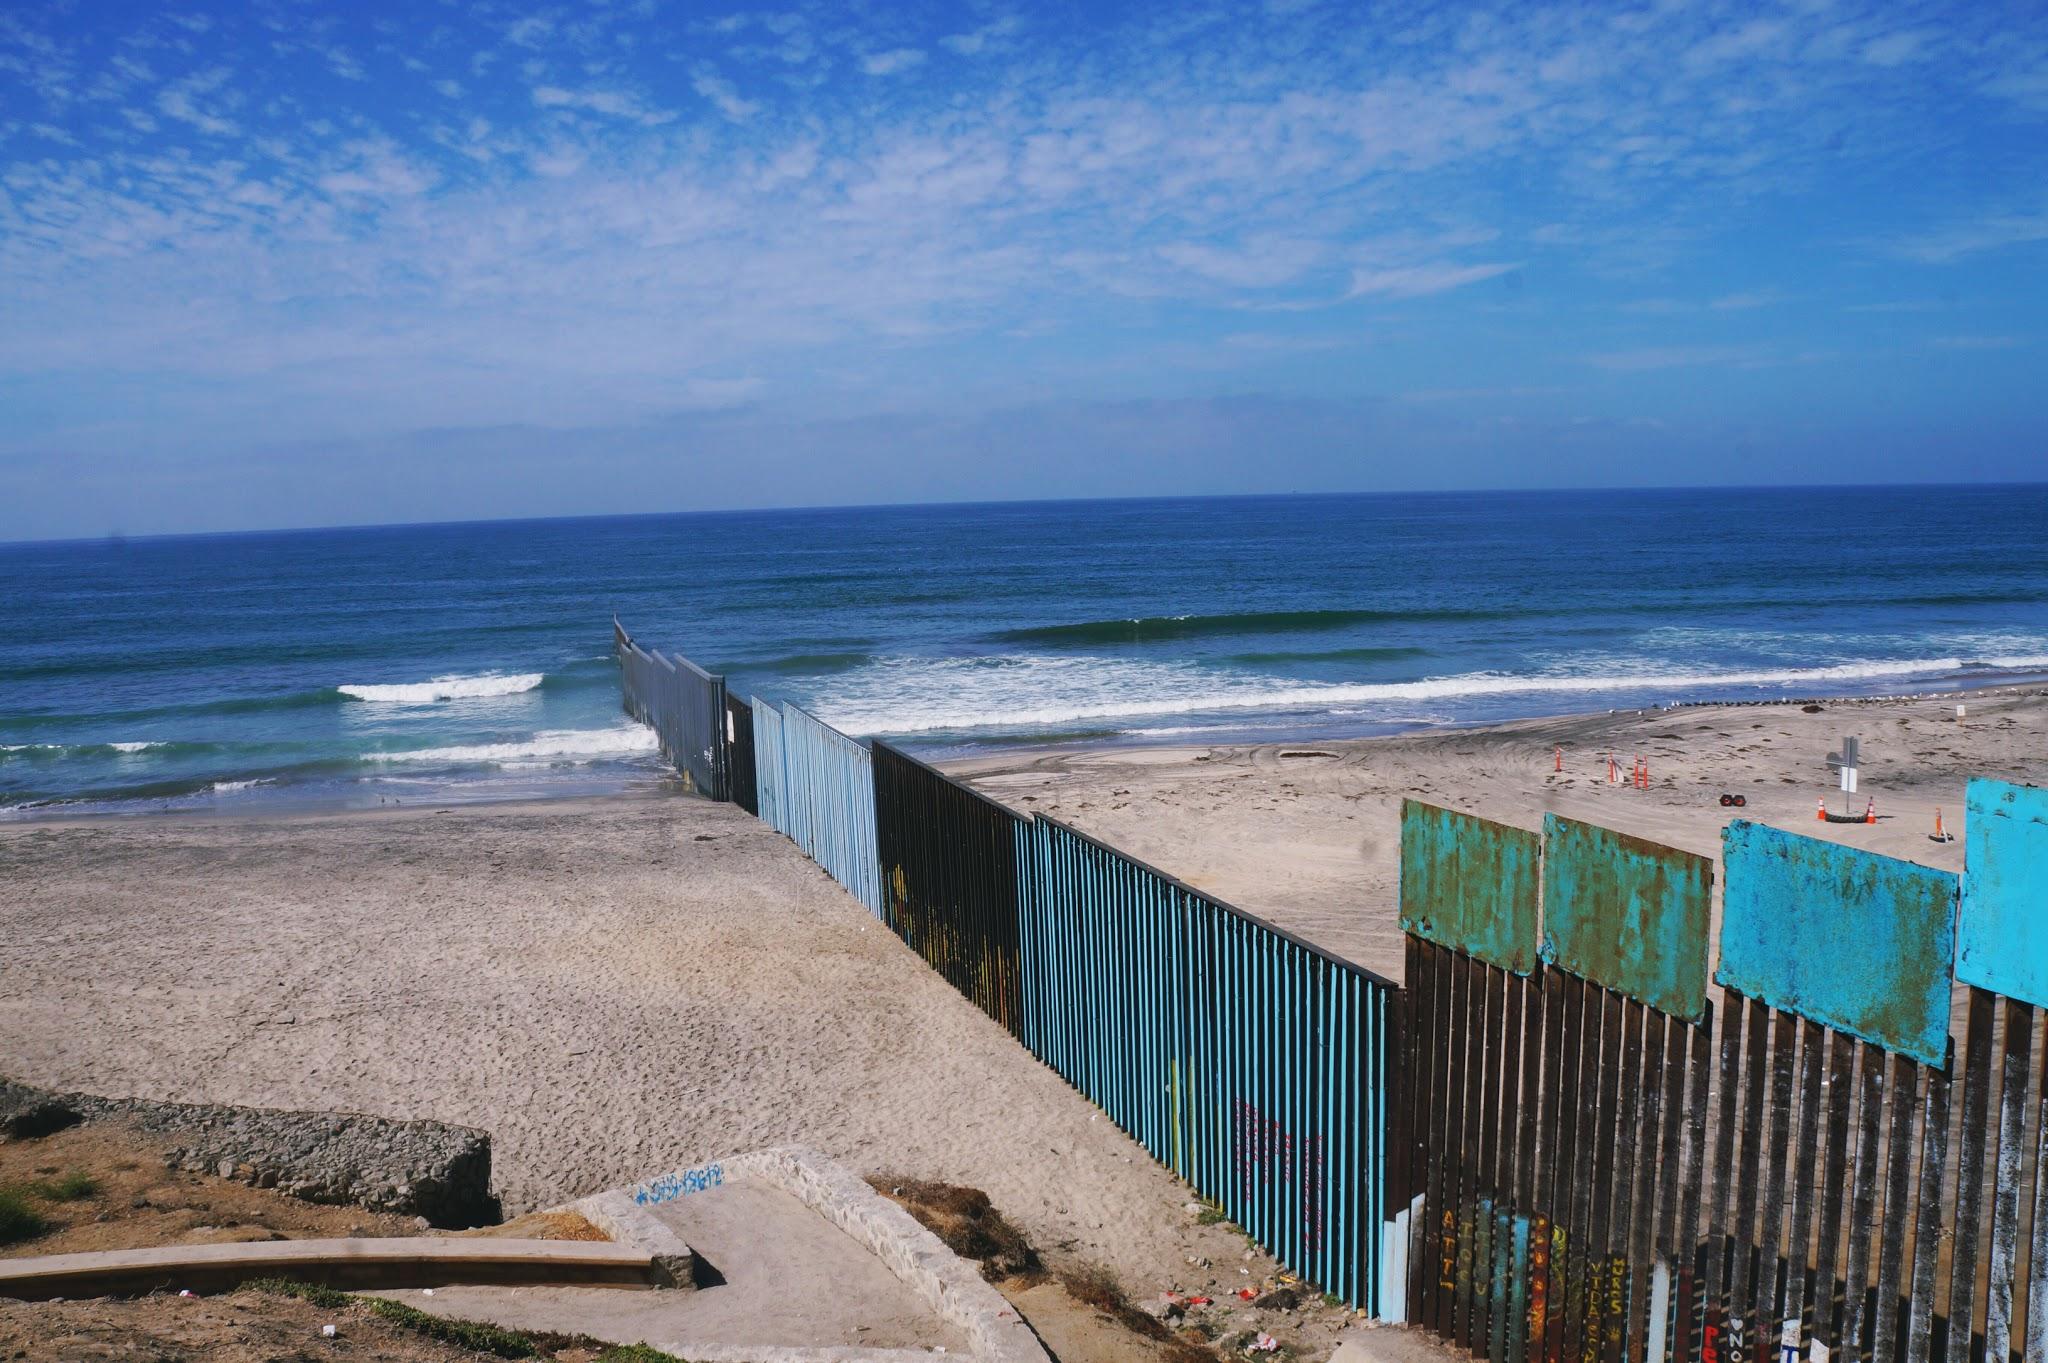 Things To Do at Playas de Tijuana, Mexico border playas de tijuana tijuana beach tijuana beaches tijuana mexico tijuana mexico beach beach tijuana playa tijuana